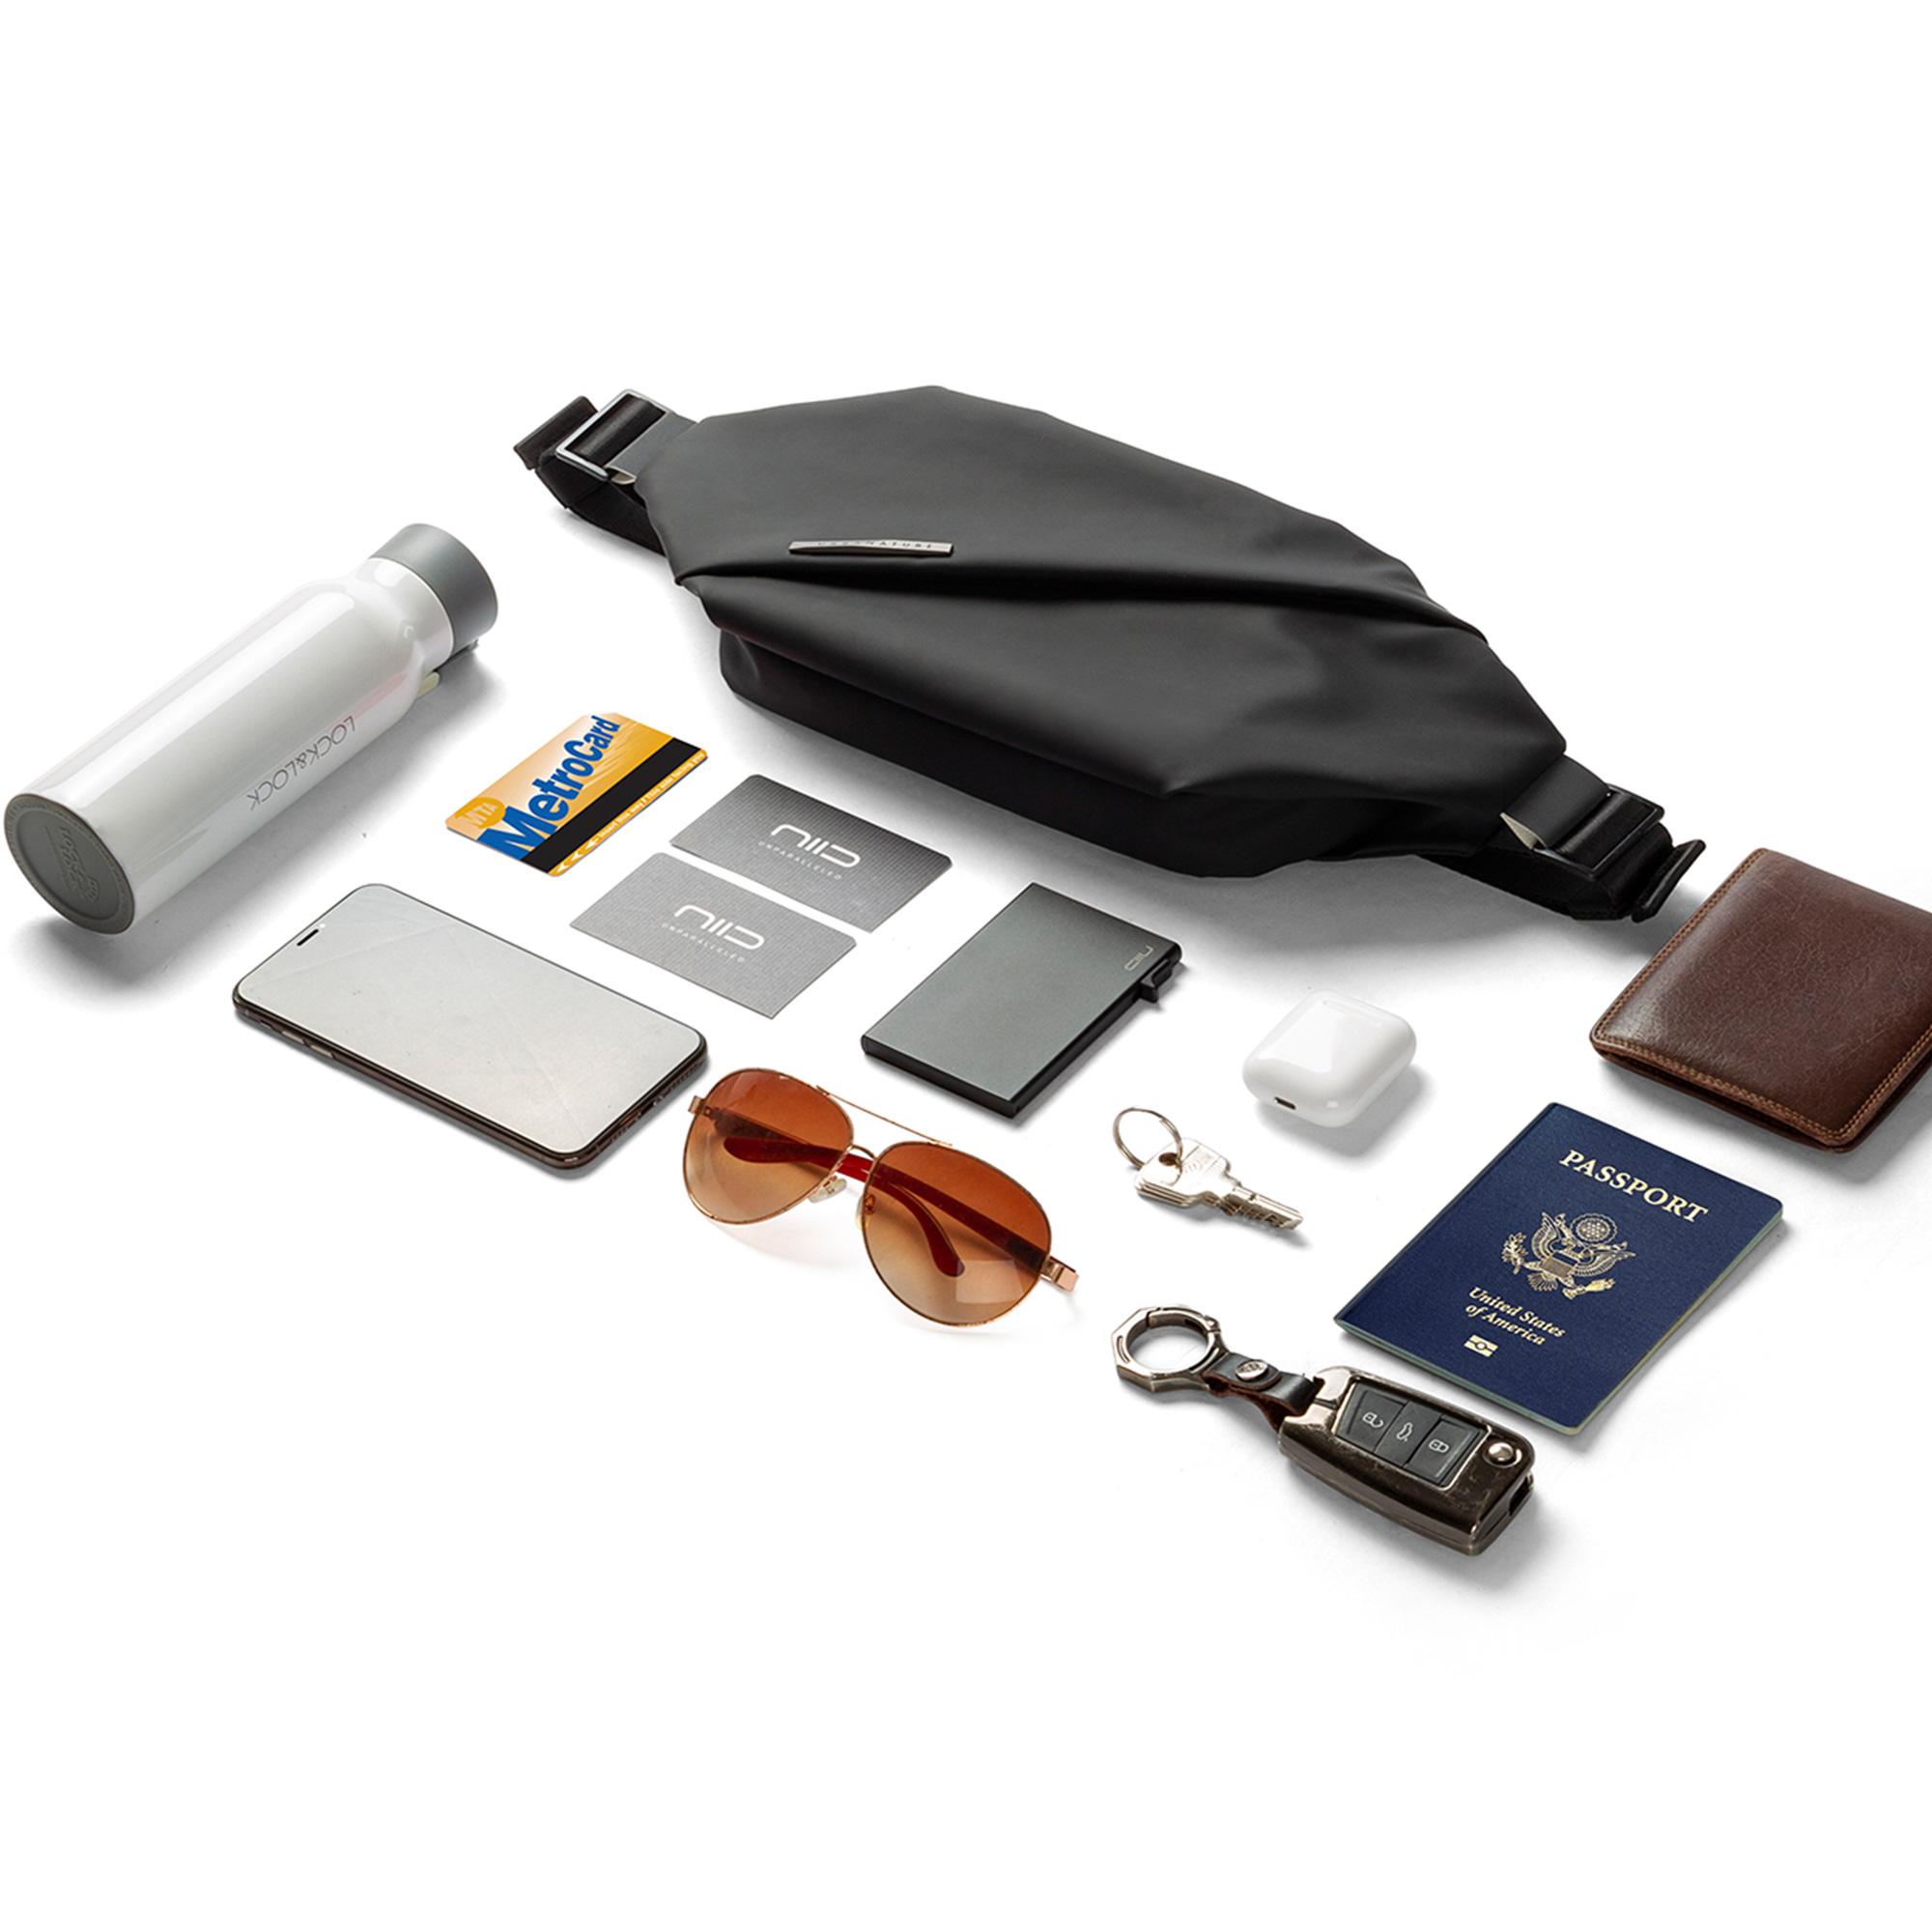 R0 Radiant Chest Bag